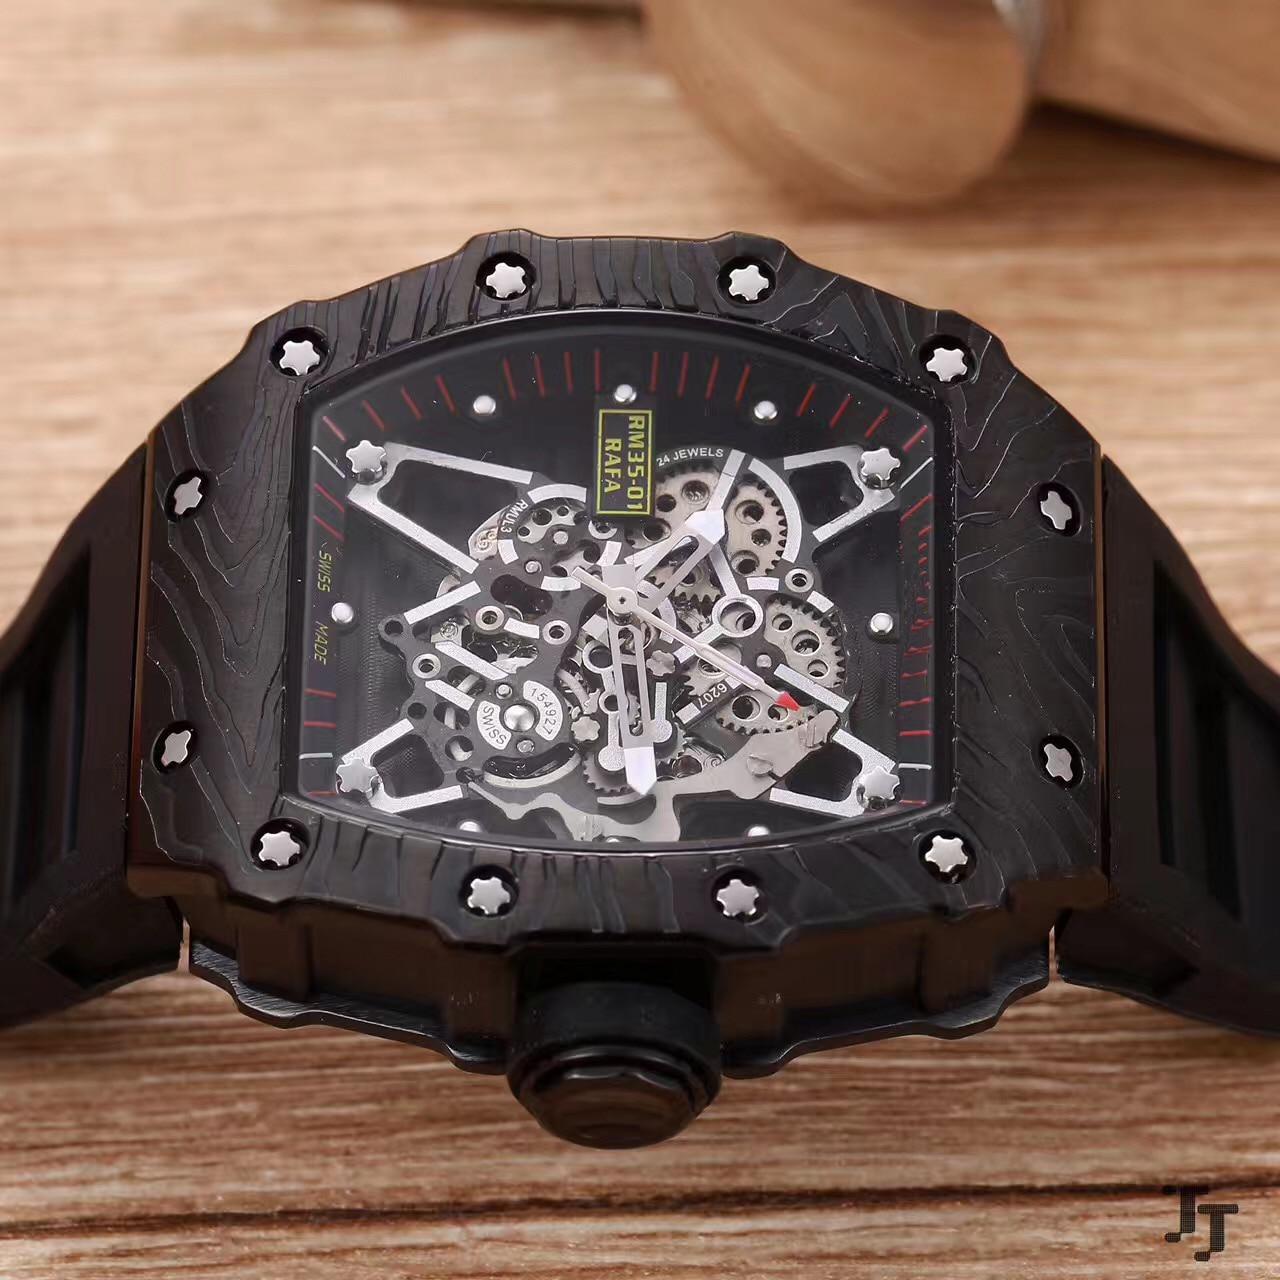 Nouveaux hommes de luxe regardent en caoutchouc saphir en acier inoxydable 904L automatique mécanique pleine noir Tourbillion squelette montres AAA